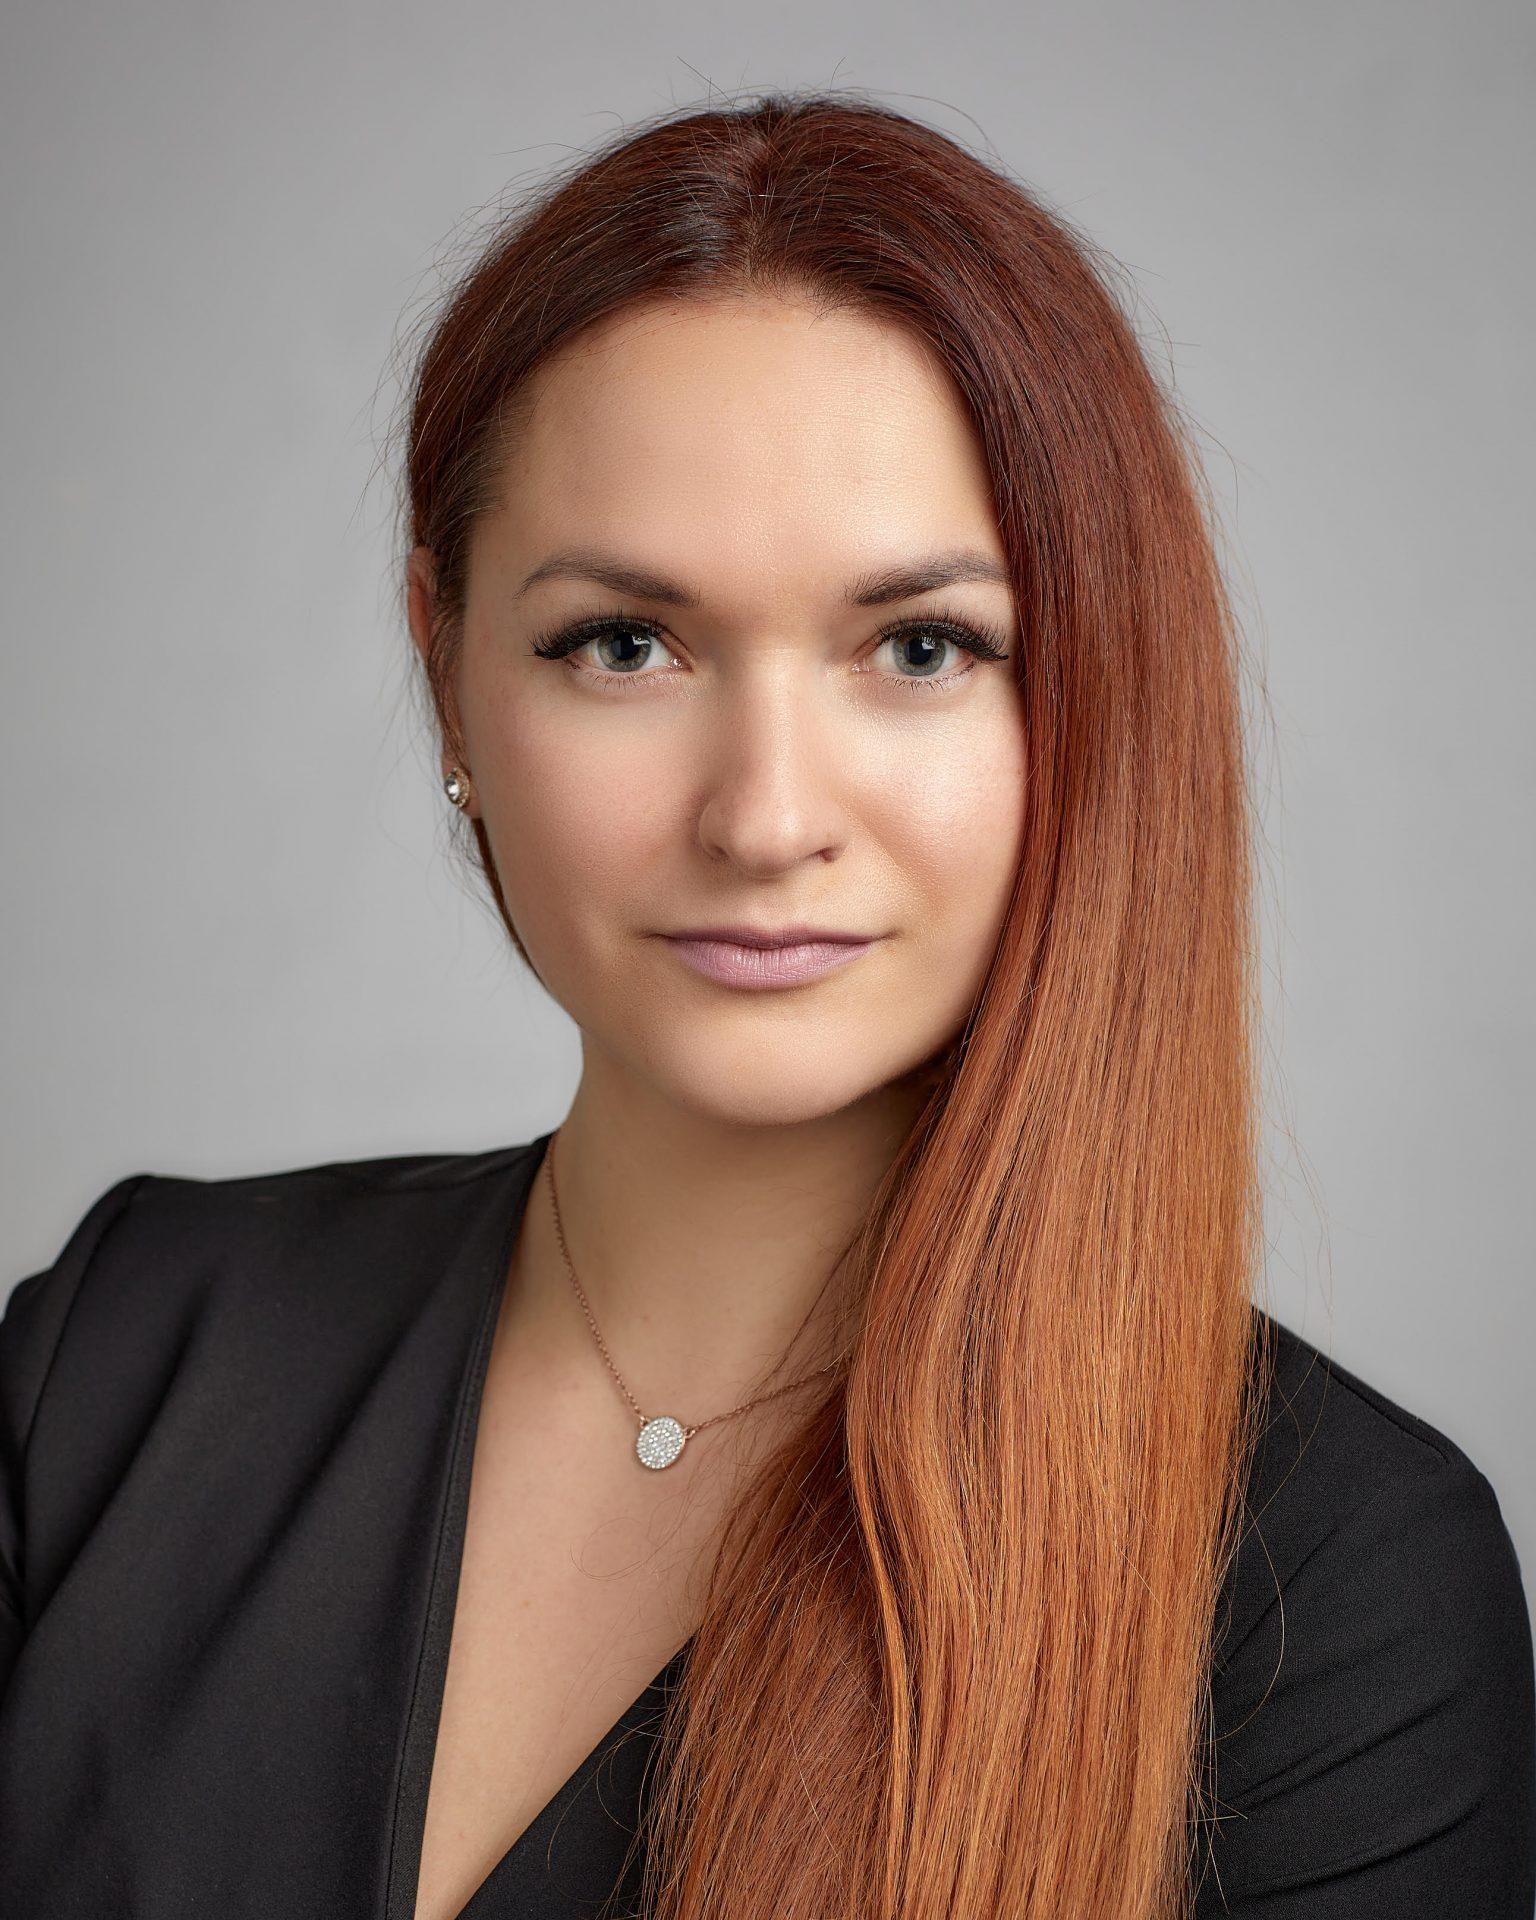 Наталья Гейсари - доктор инженерных наук в сфере химических технологий 2